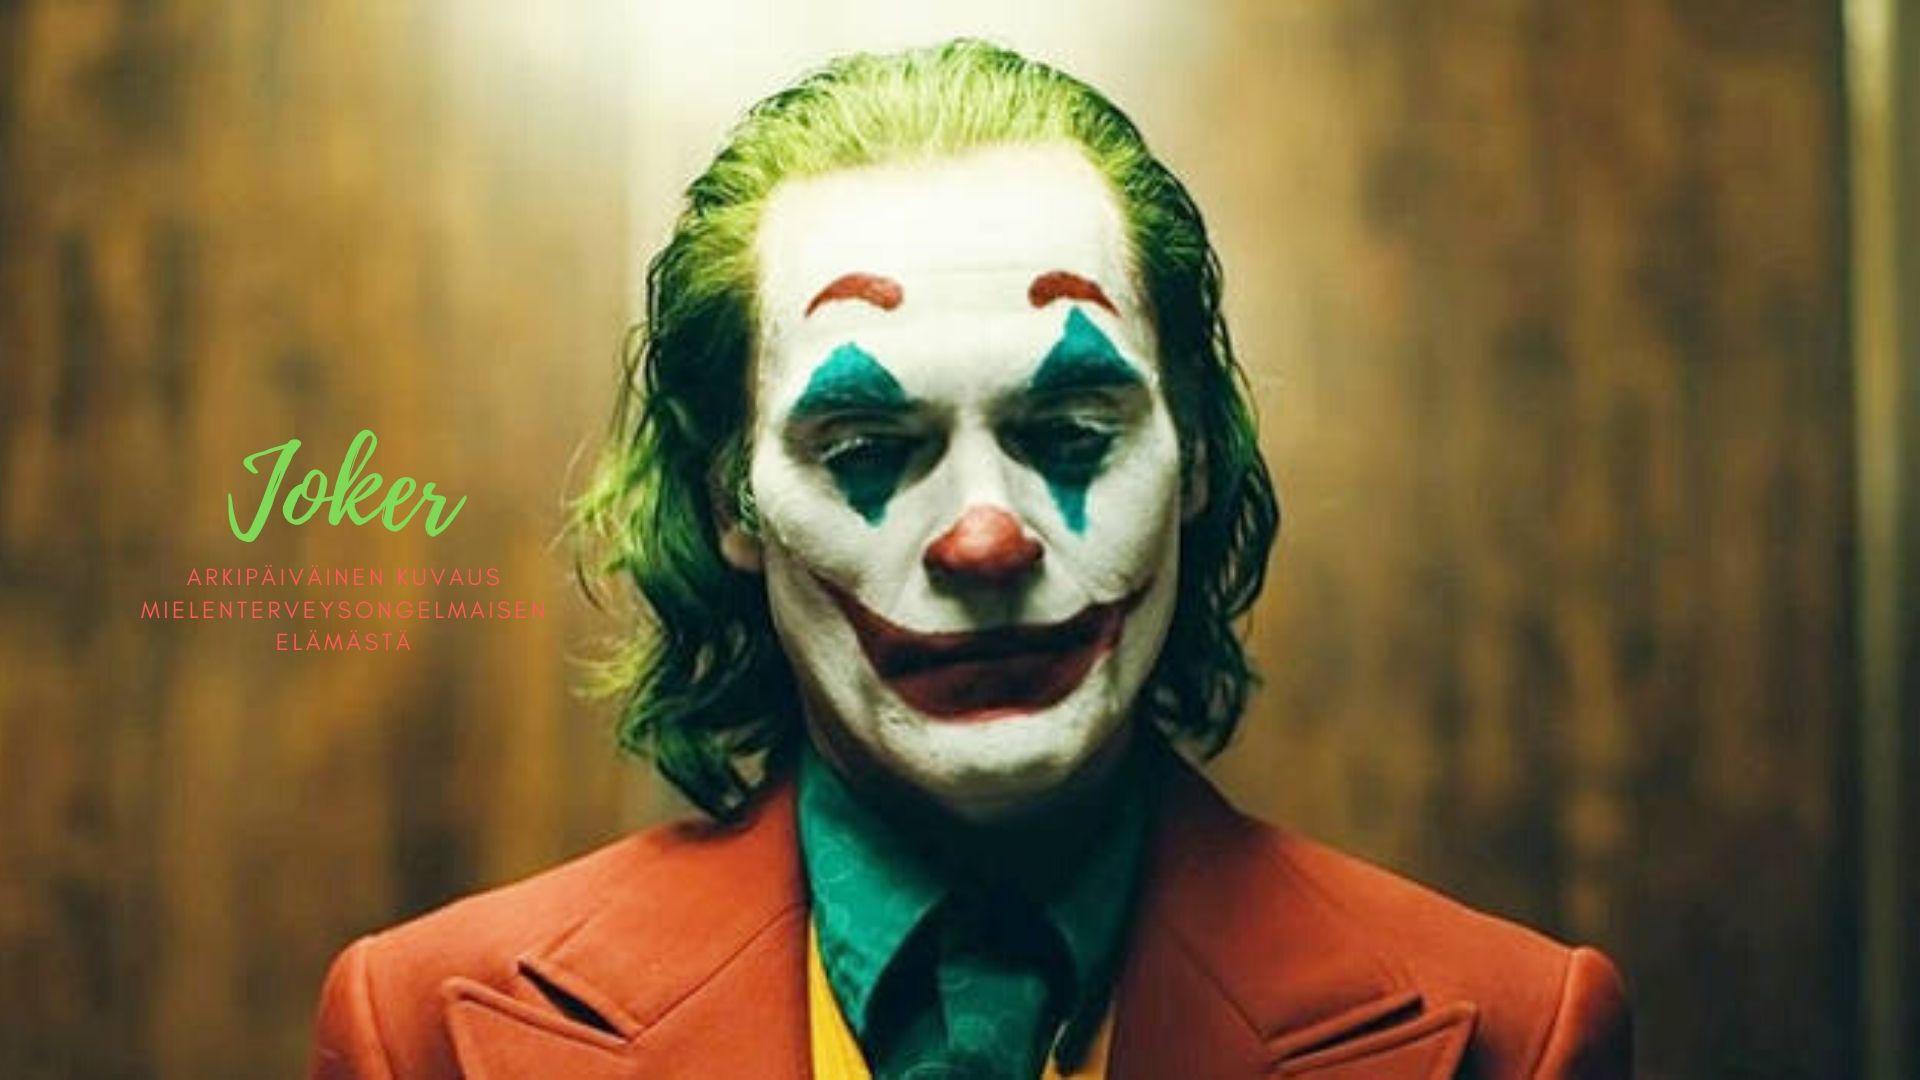 Joker elokuva – Tavanomainen mielenterveysongelmaisen päiväkirja